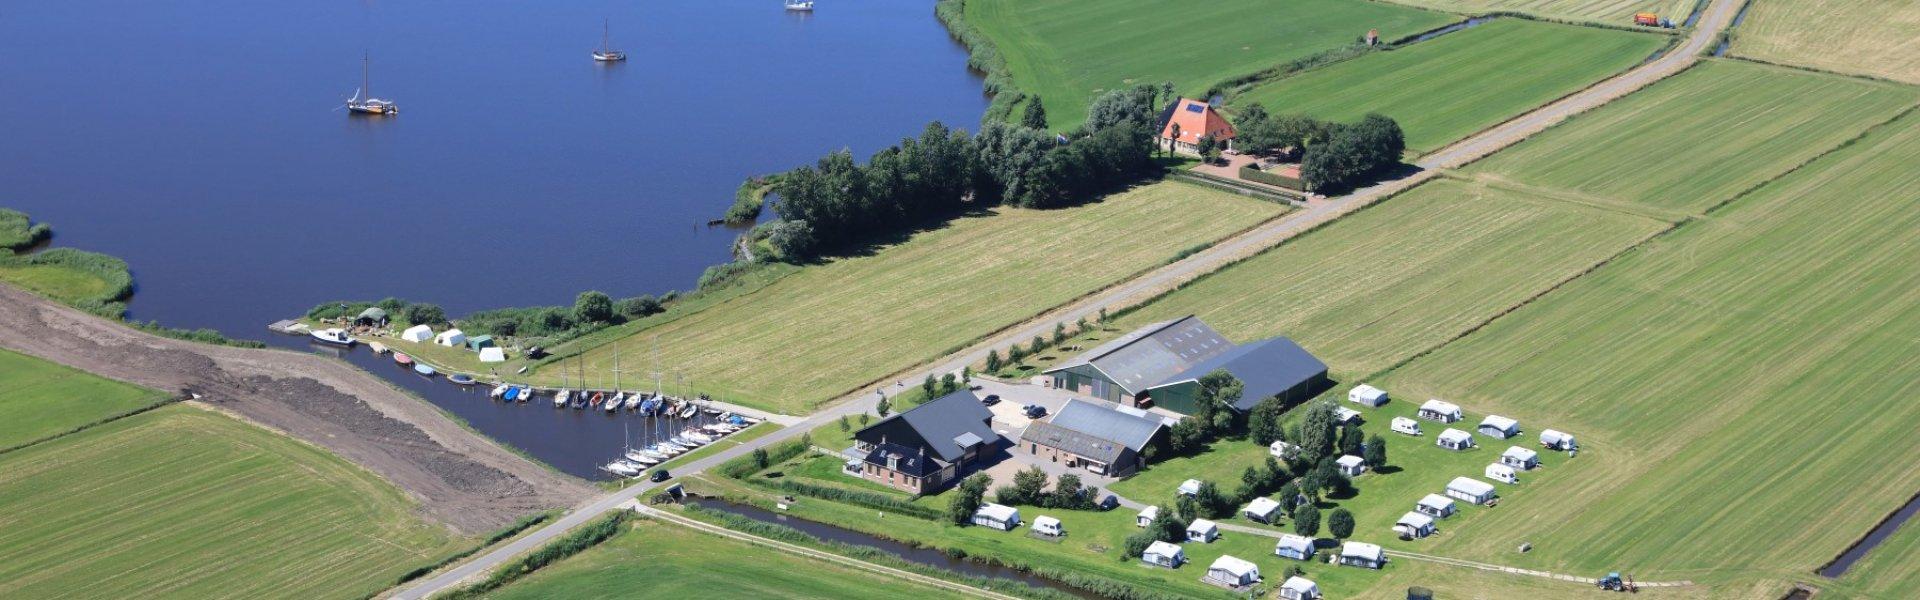 luchtfoto camping gaastmeer (4).JPG